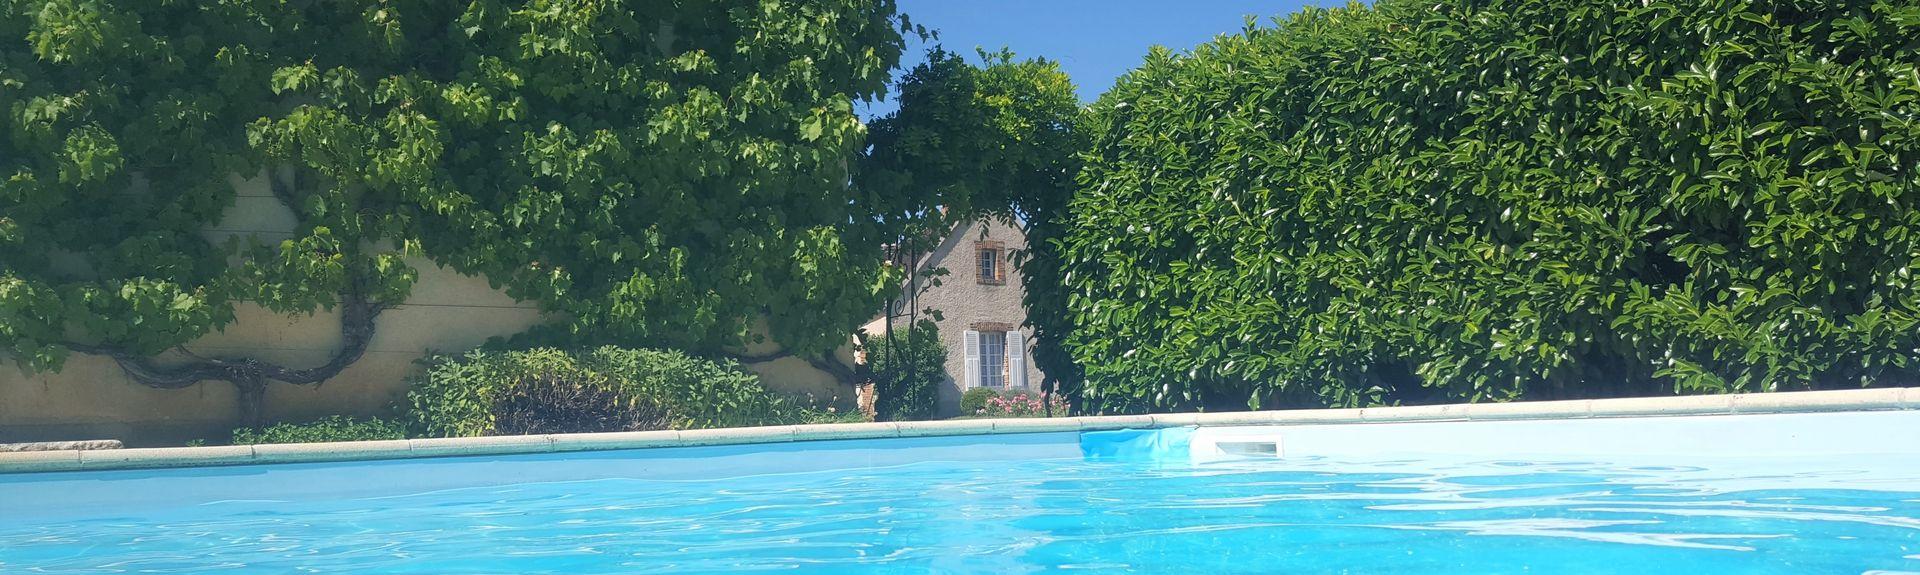 Méré, Yonne, France